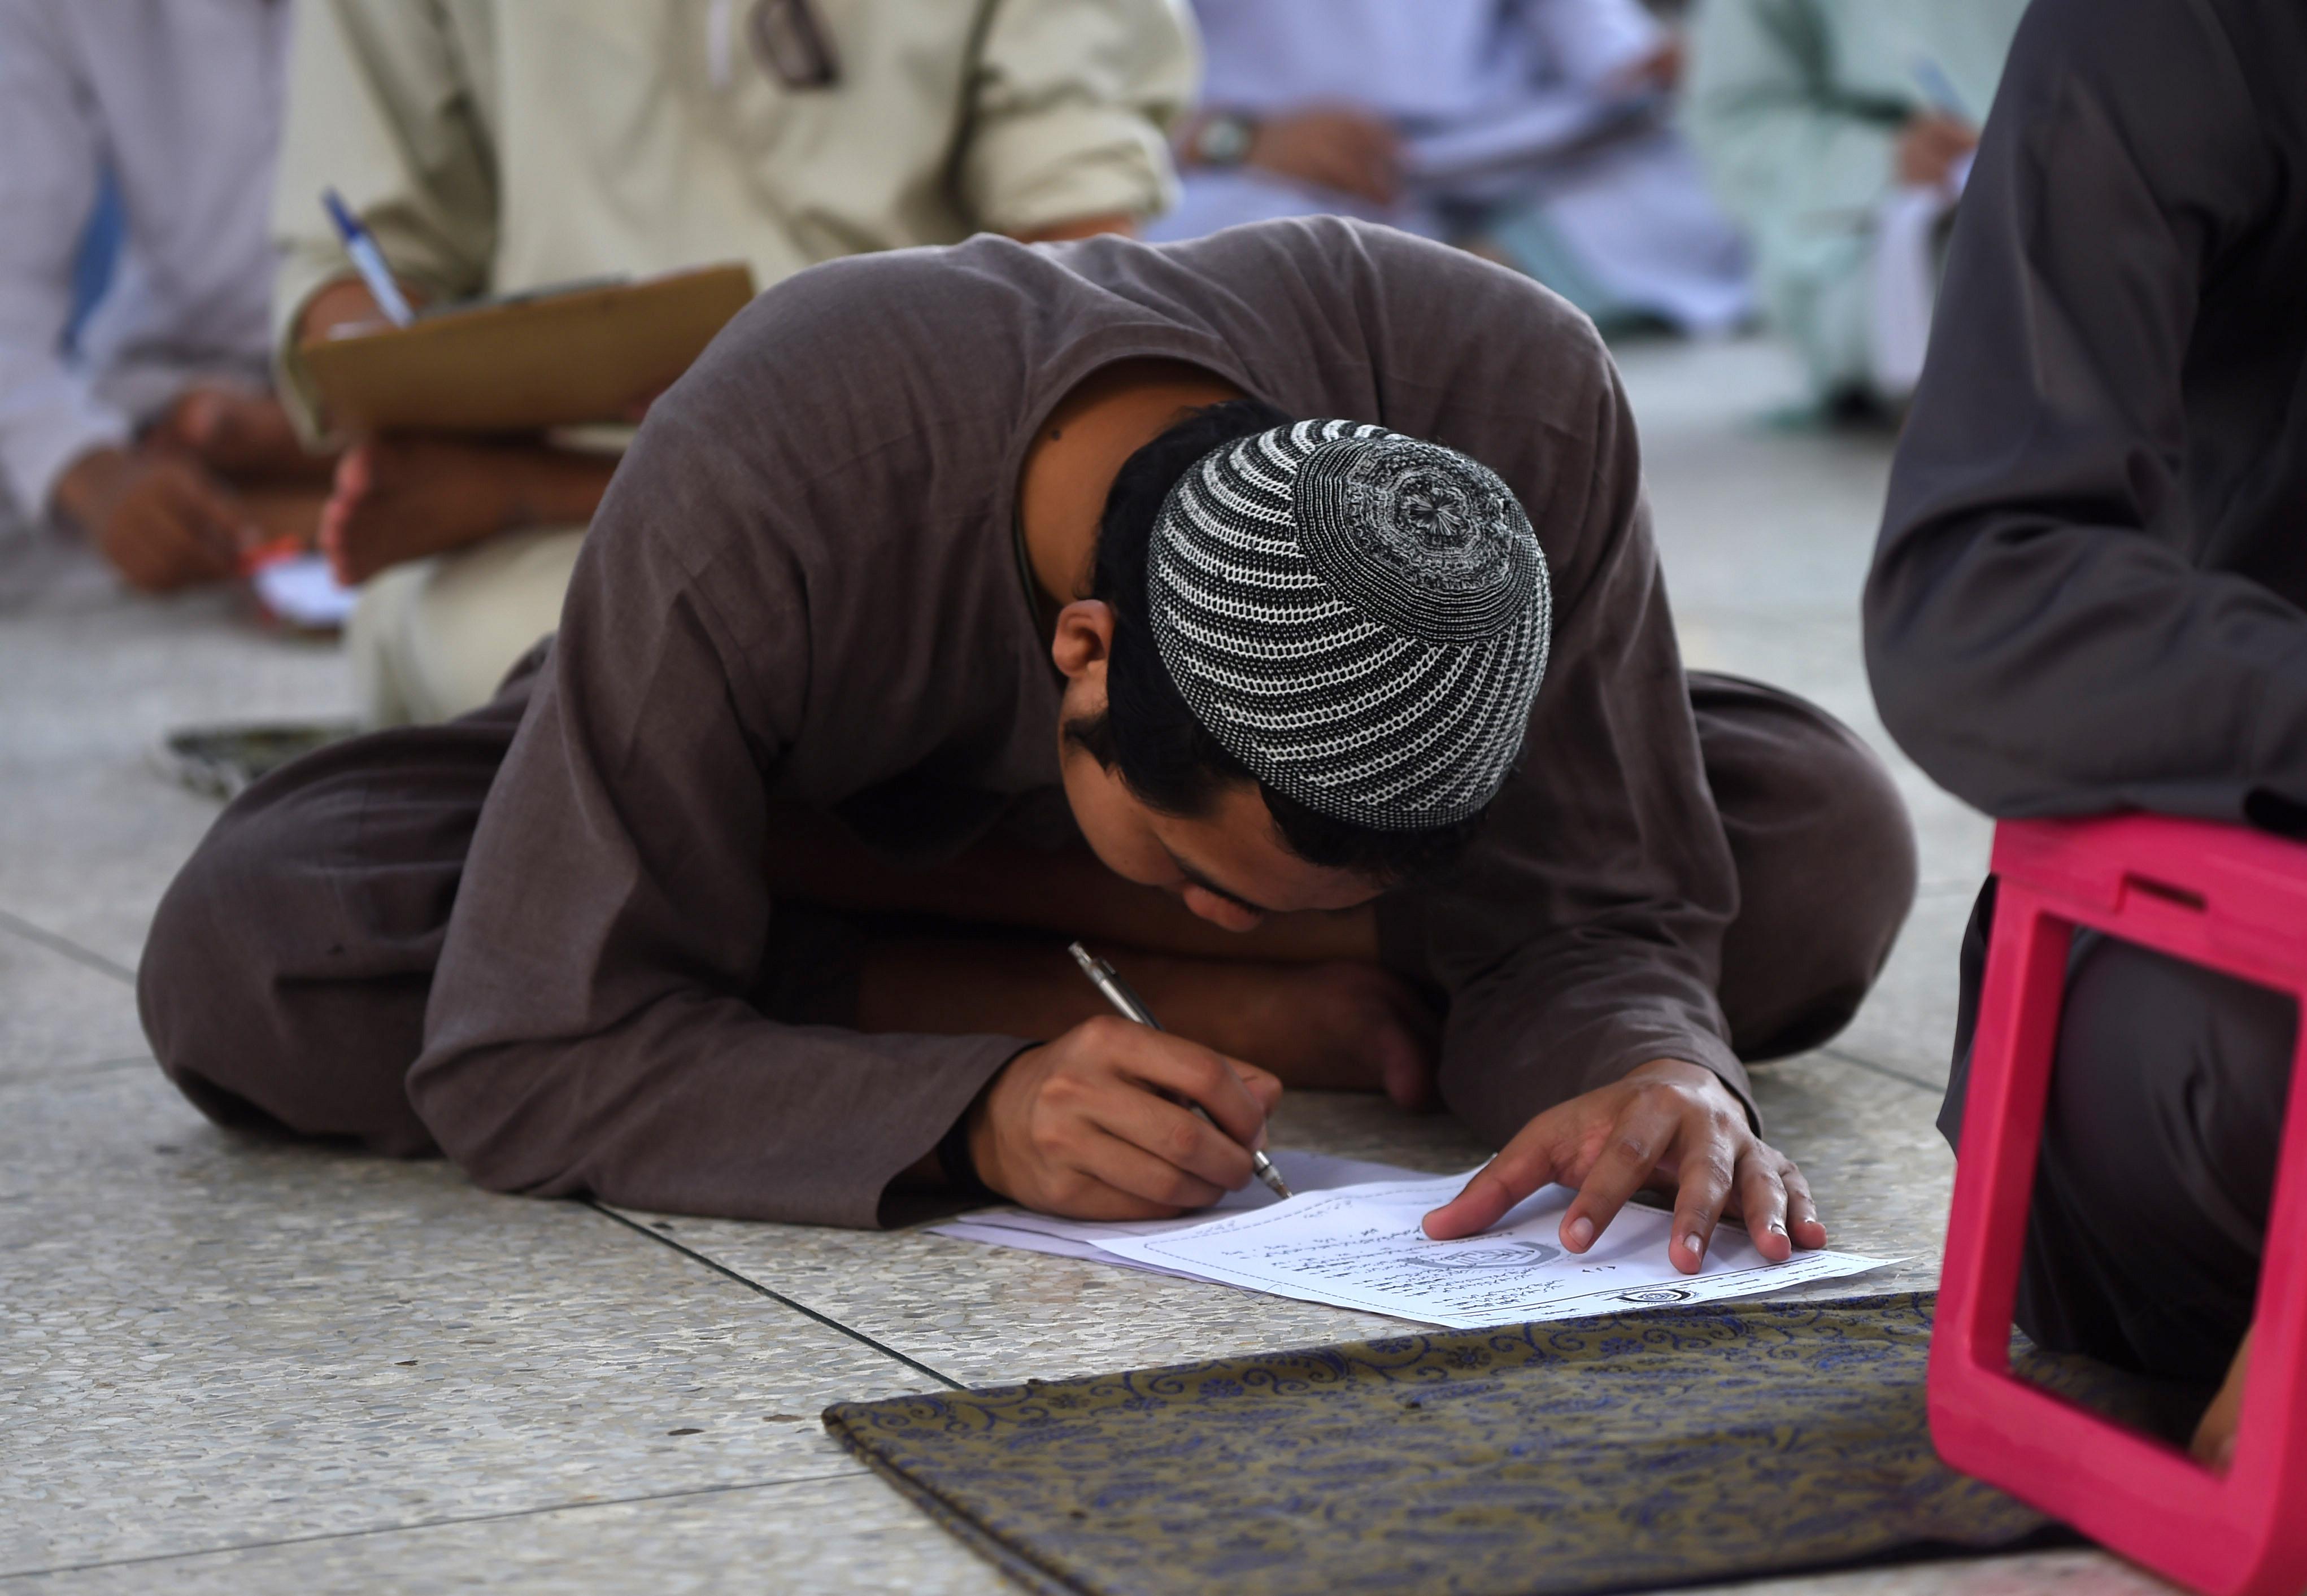 پاکستاني چارواکي په سکولونو کې د جسماني سزا د ختمولو لپاره کار کوي